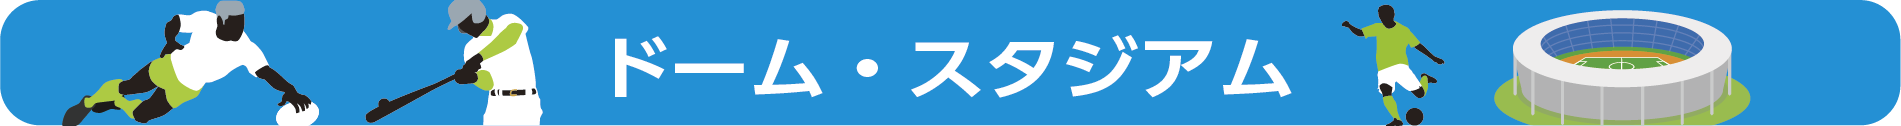 ドーム・スタジアム